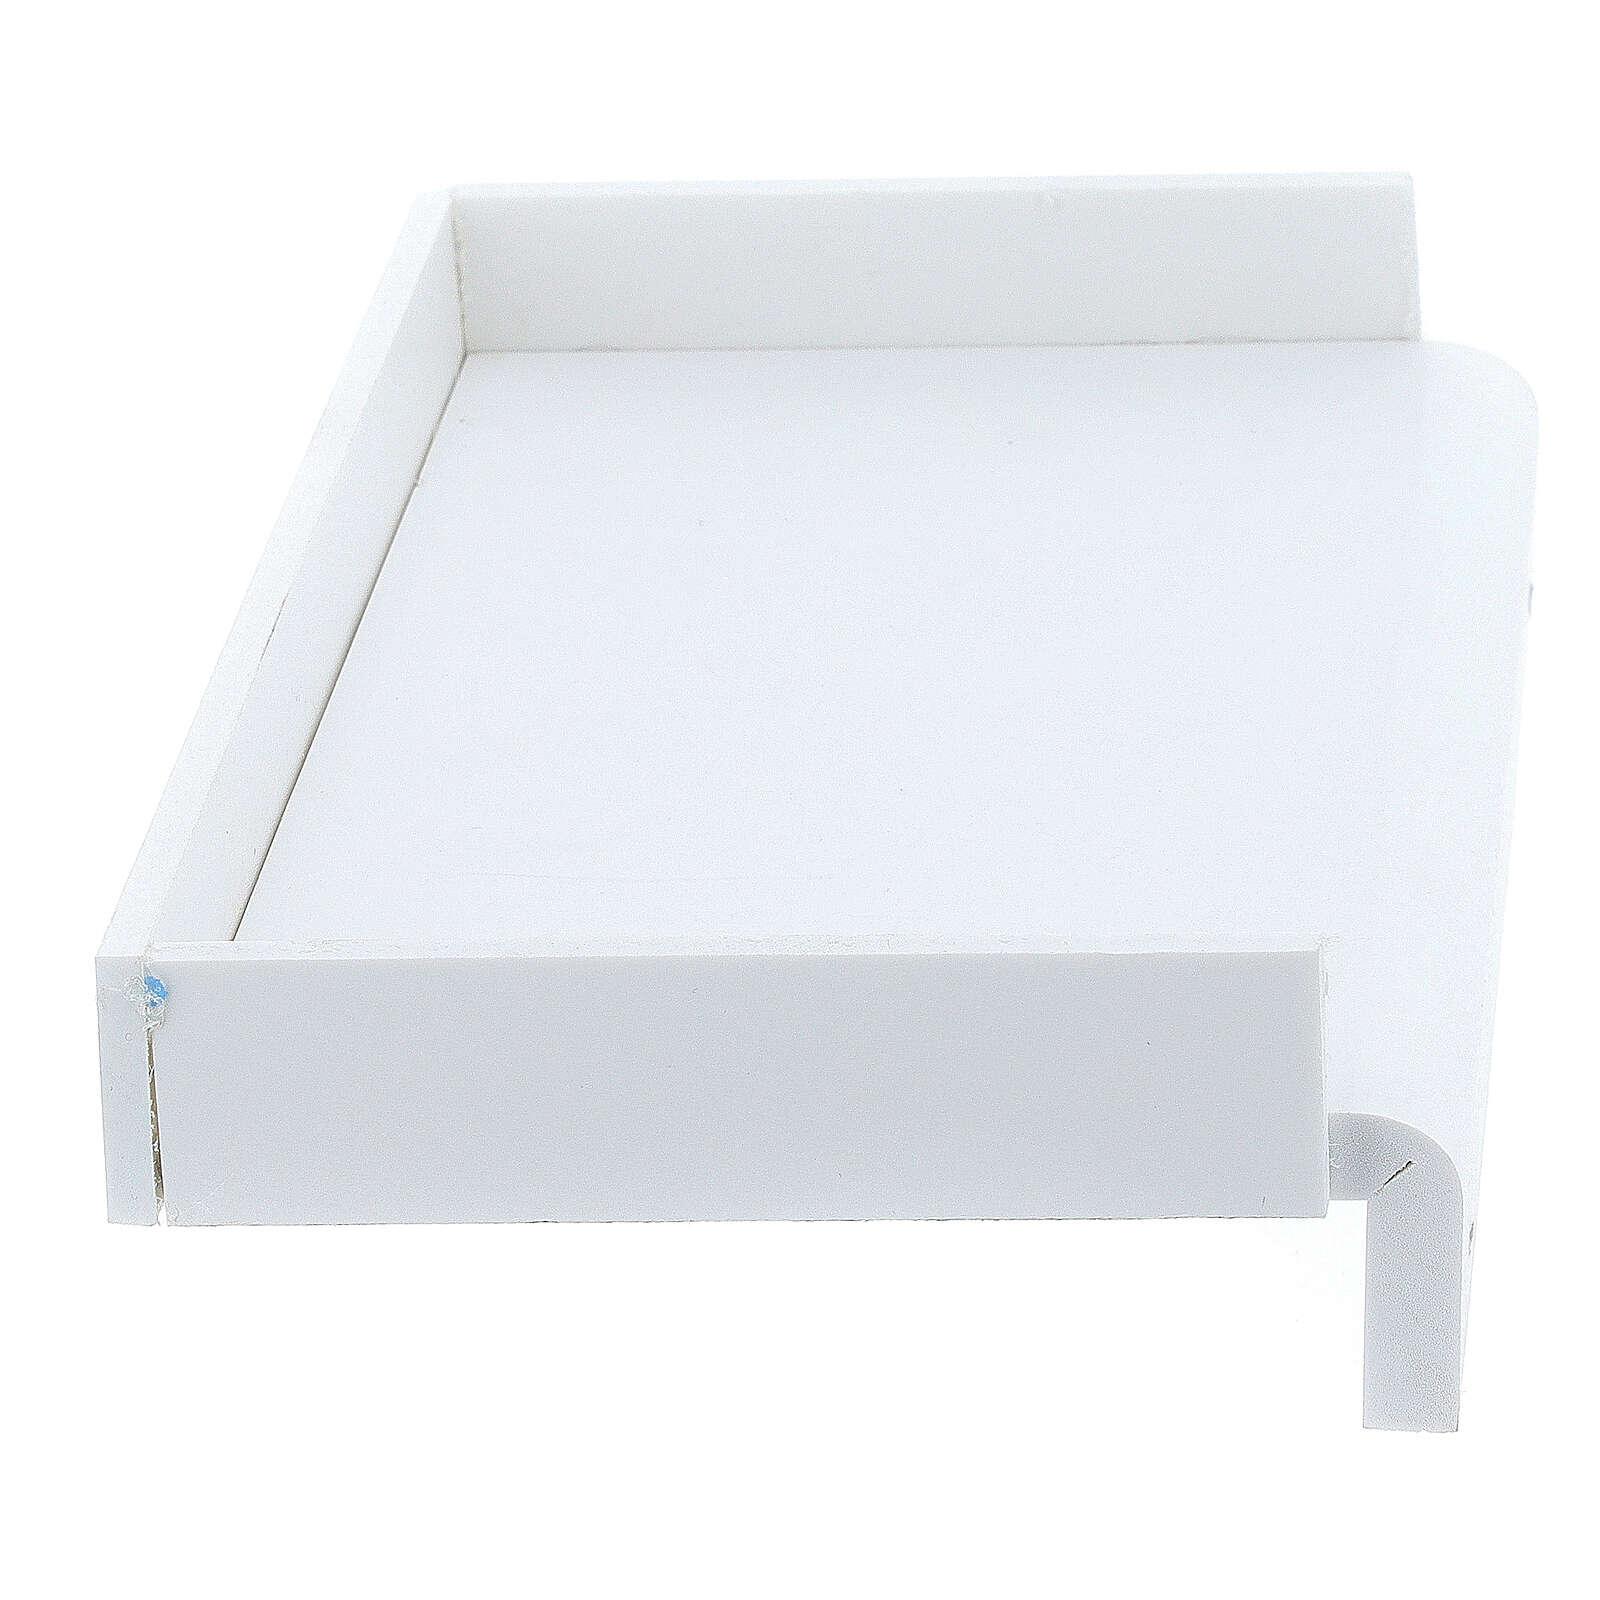 Mensola per scatola guanti 14x17 forex con viti per PF000003 3